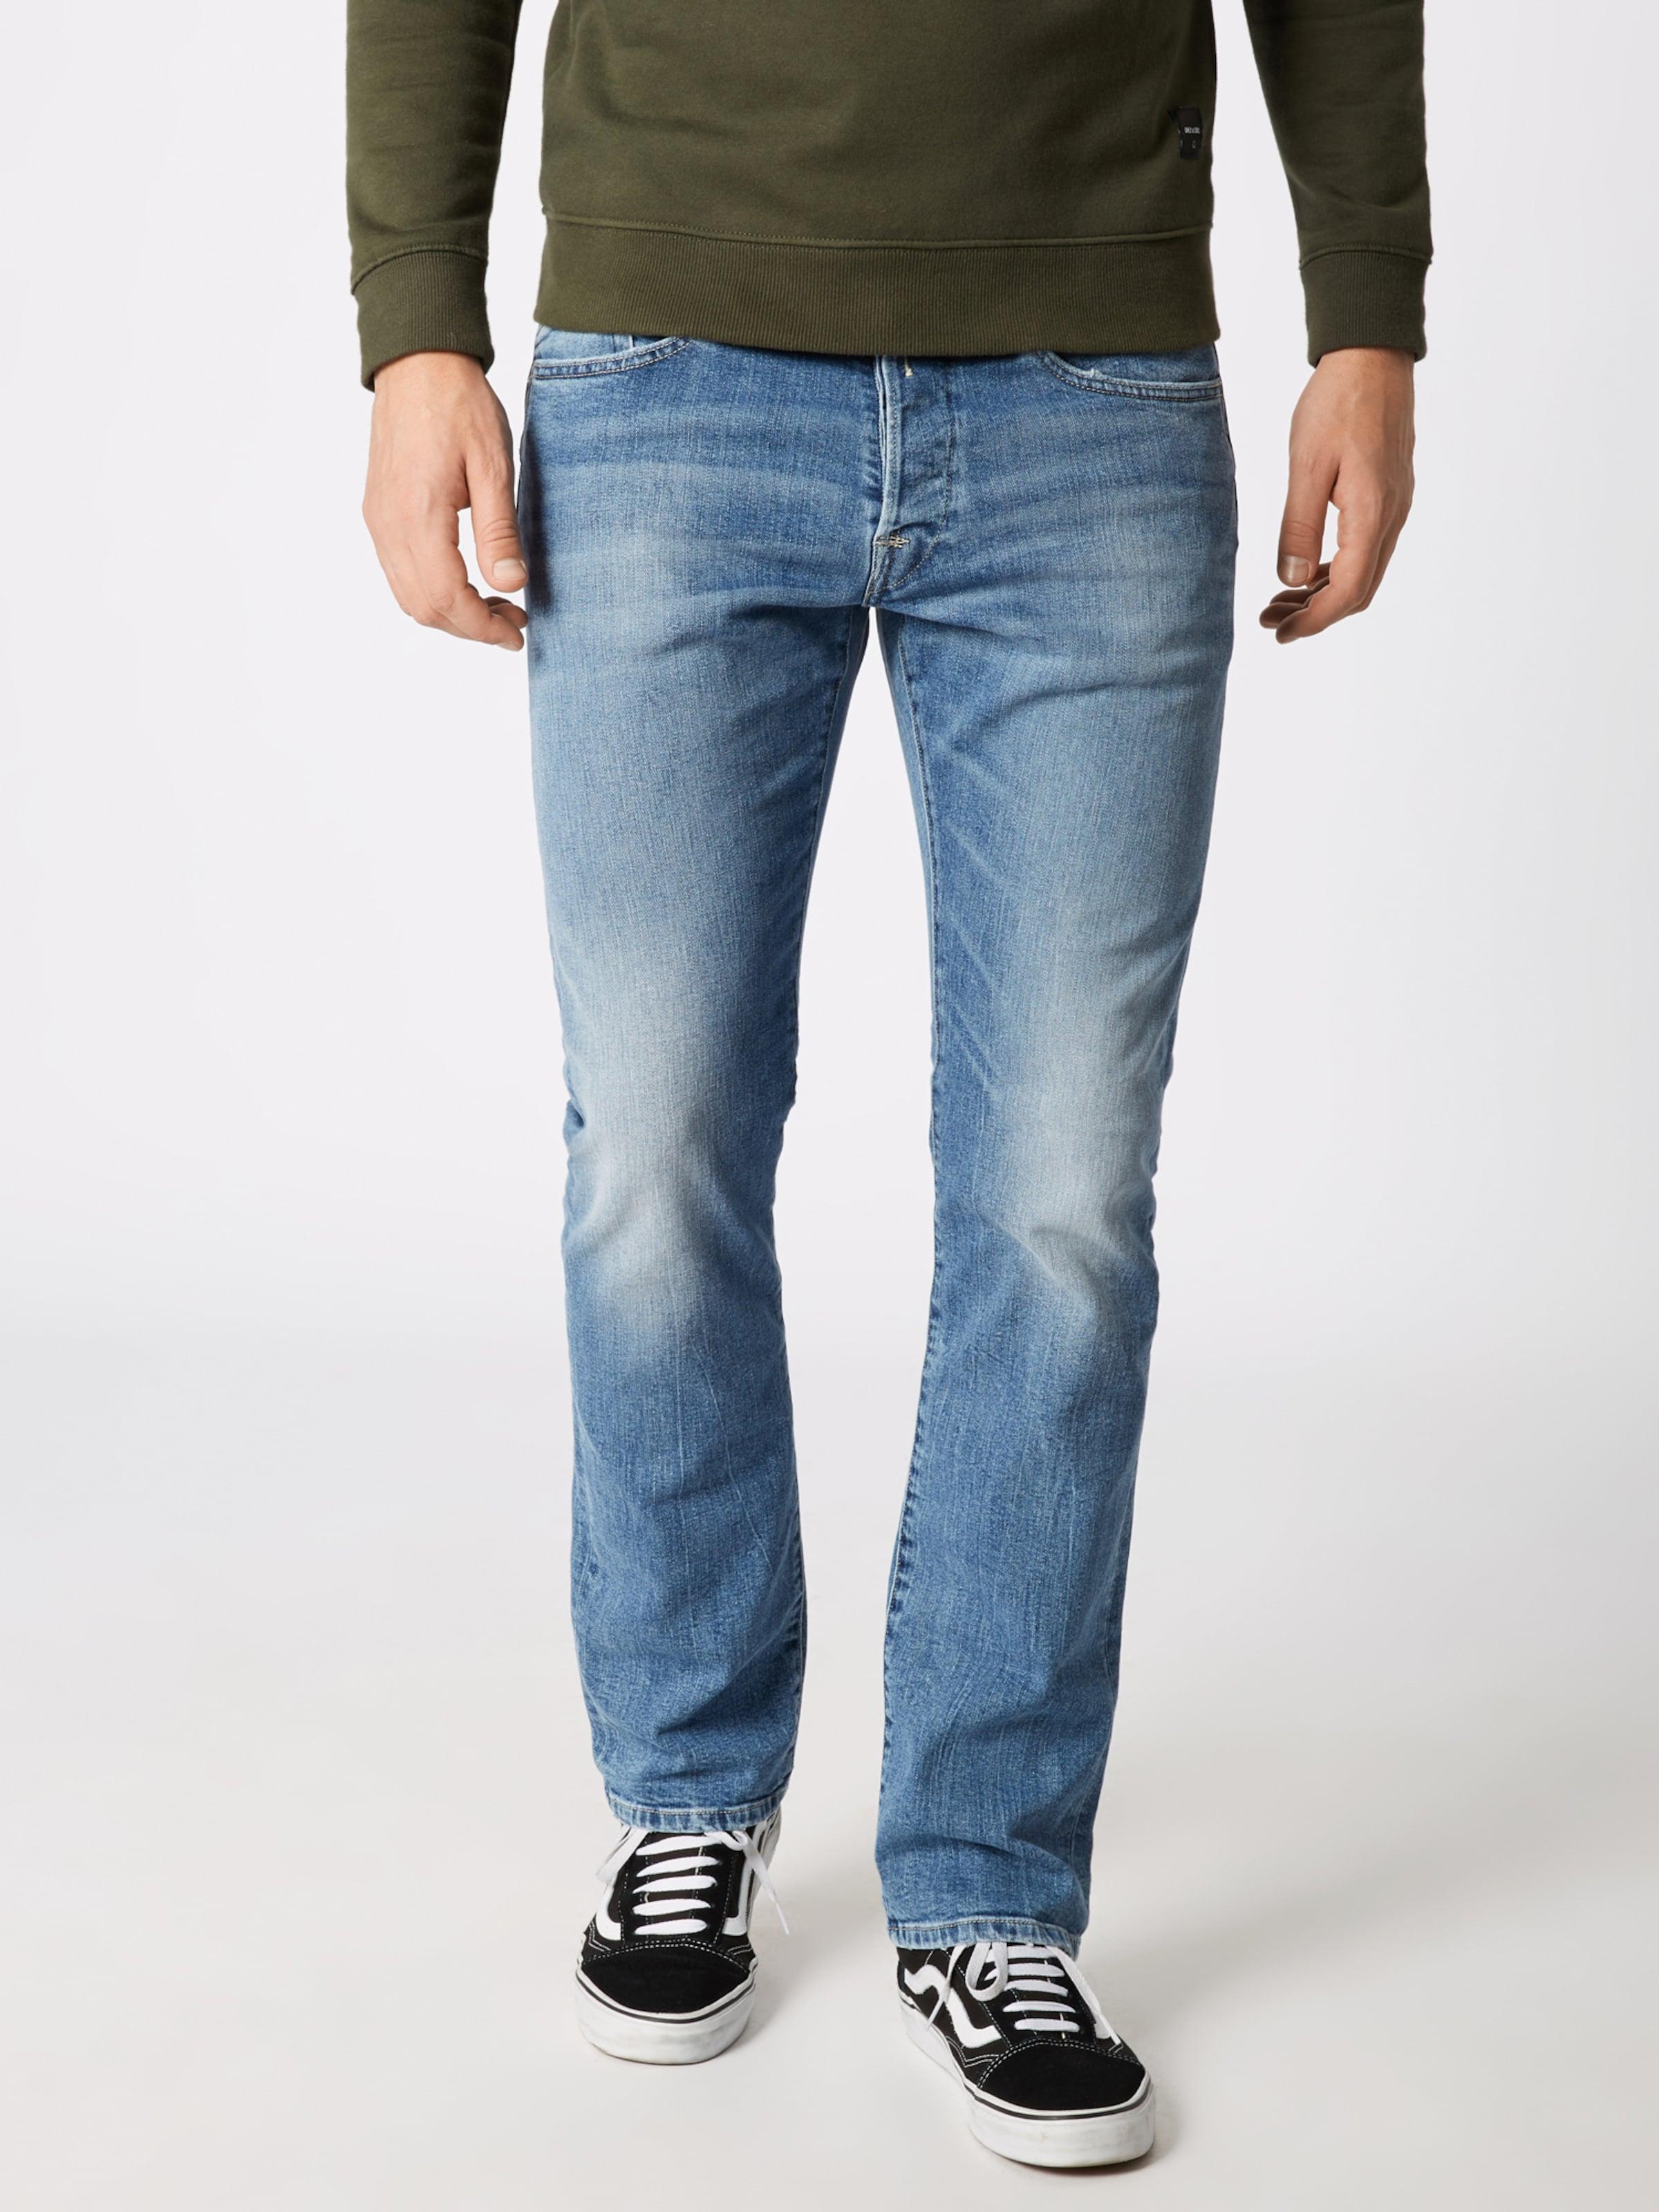 Replay Denim 'waitom' Jeans Blue In rdxWeoBC